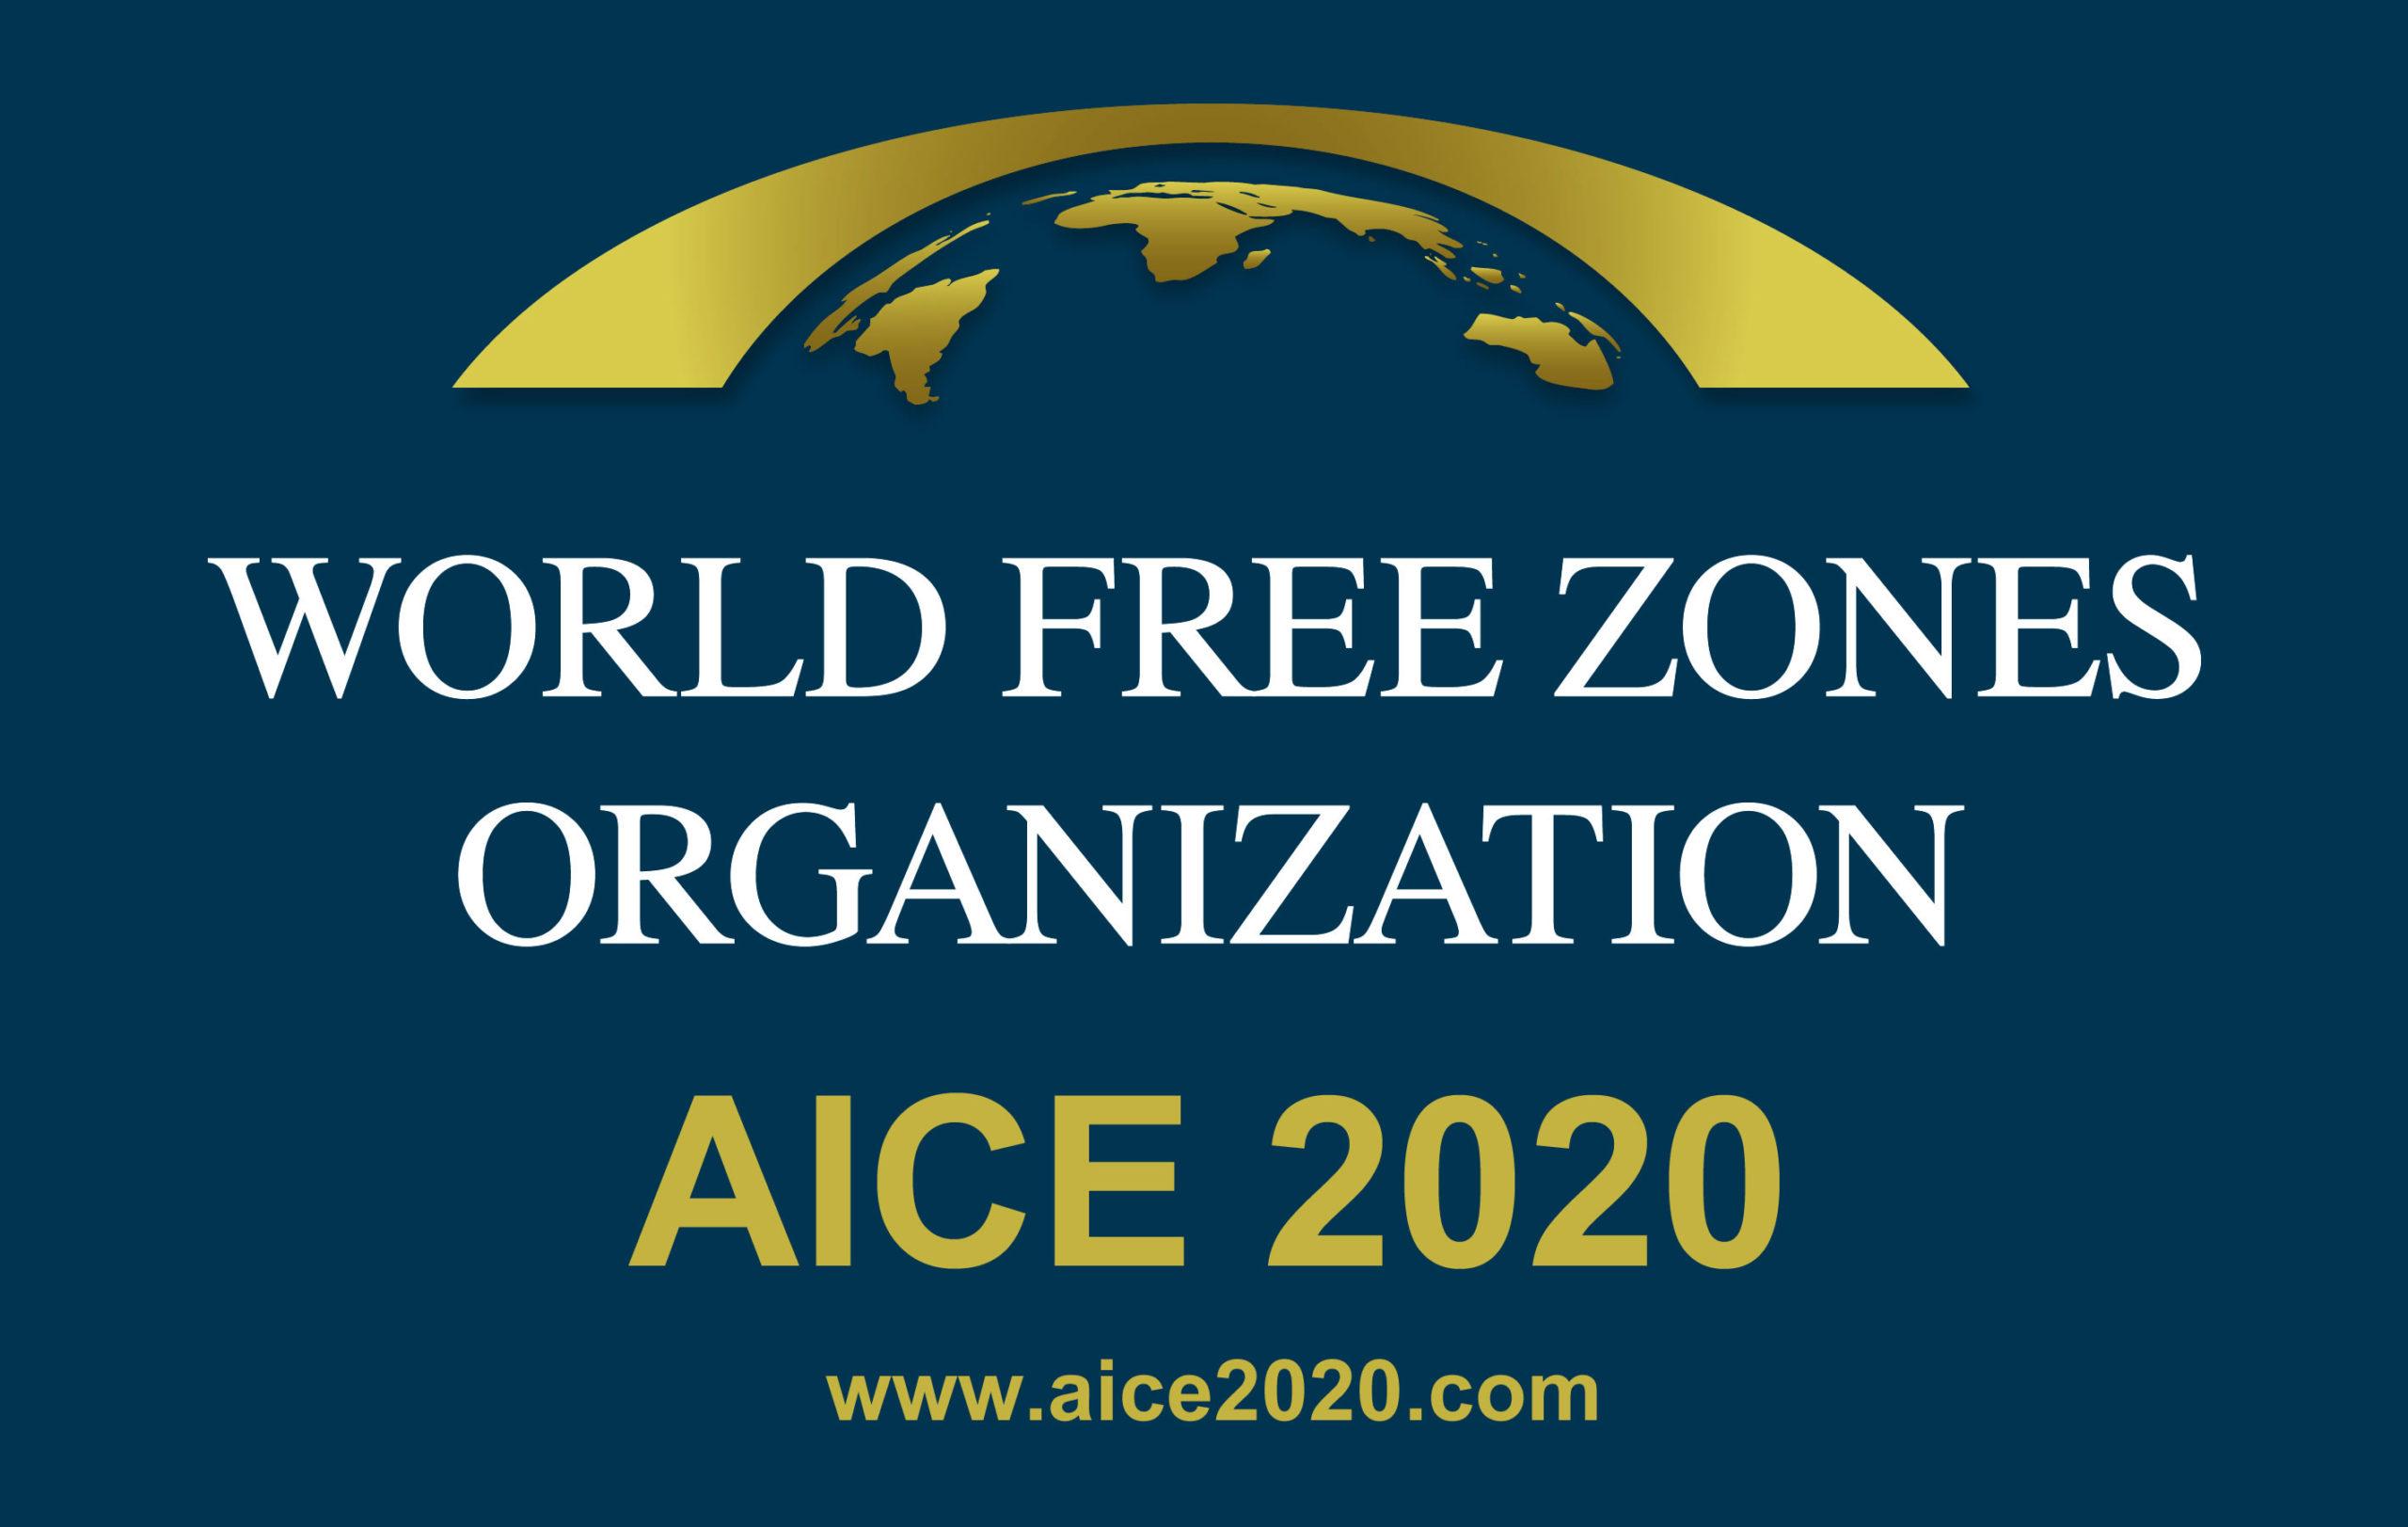 AICE2020